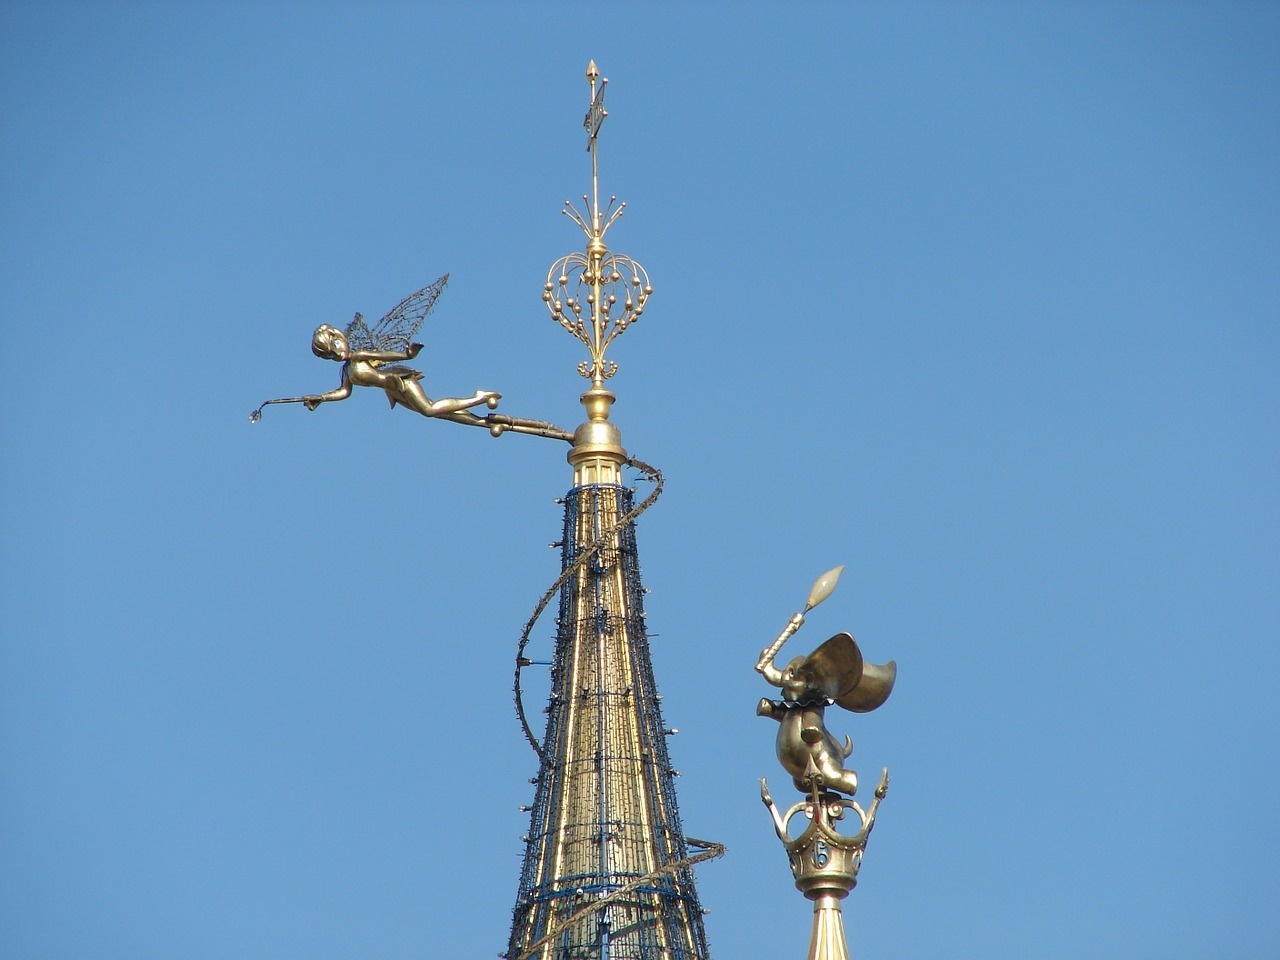 ディズニーランド・パリの楽しみ方は?乗るべきアトラクションをご紹介!